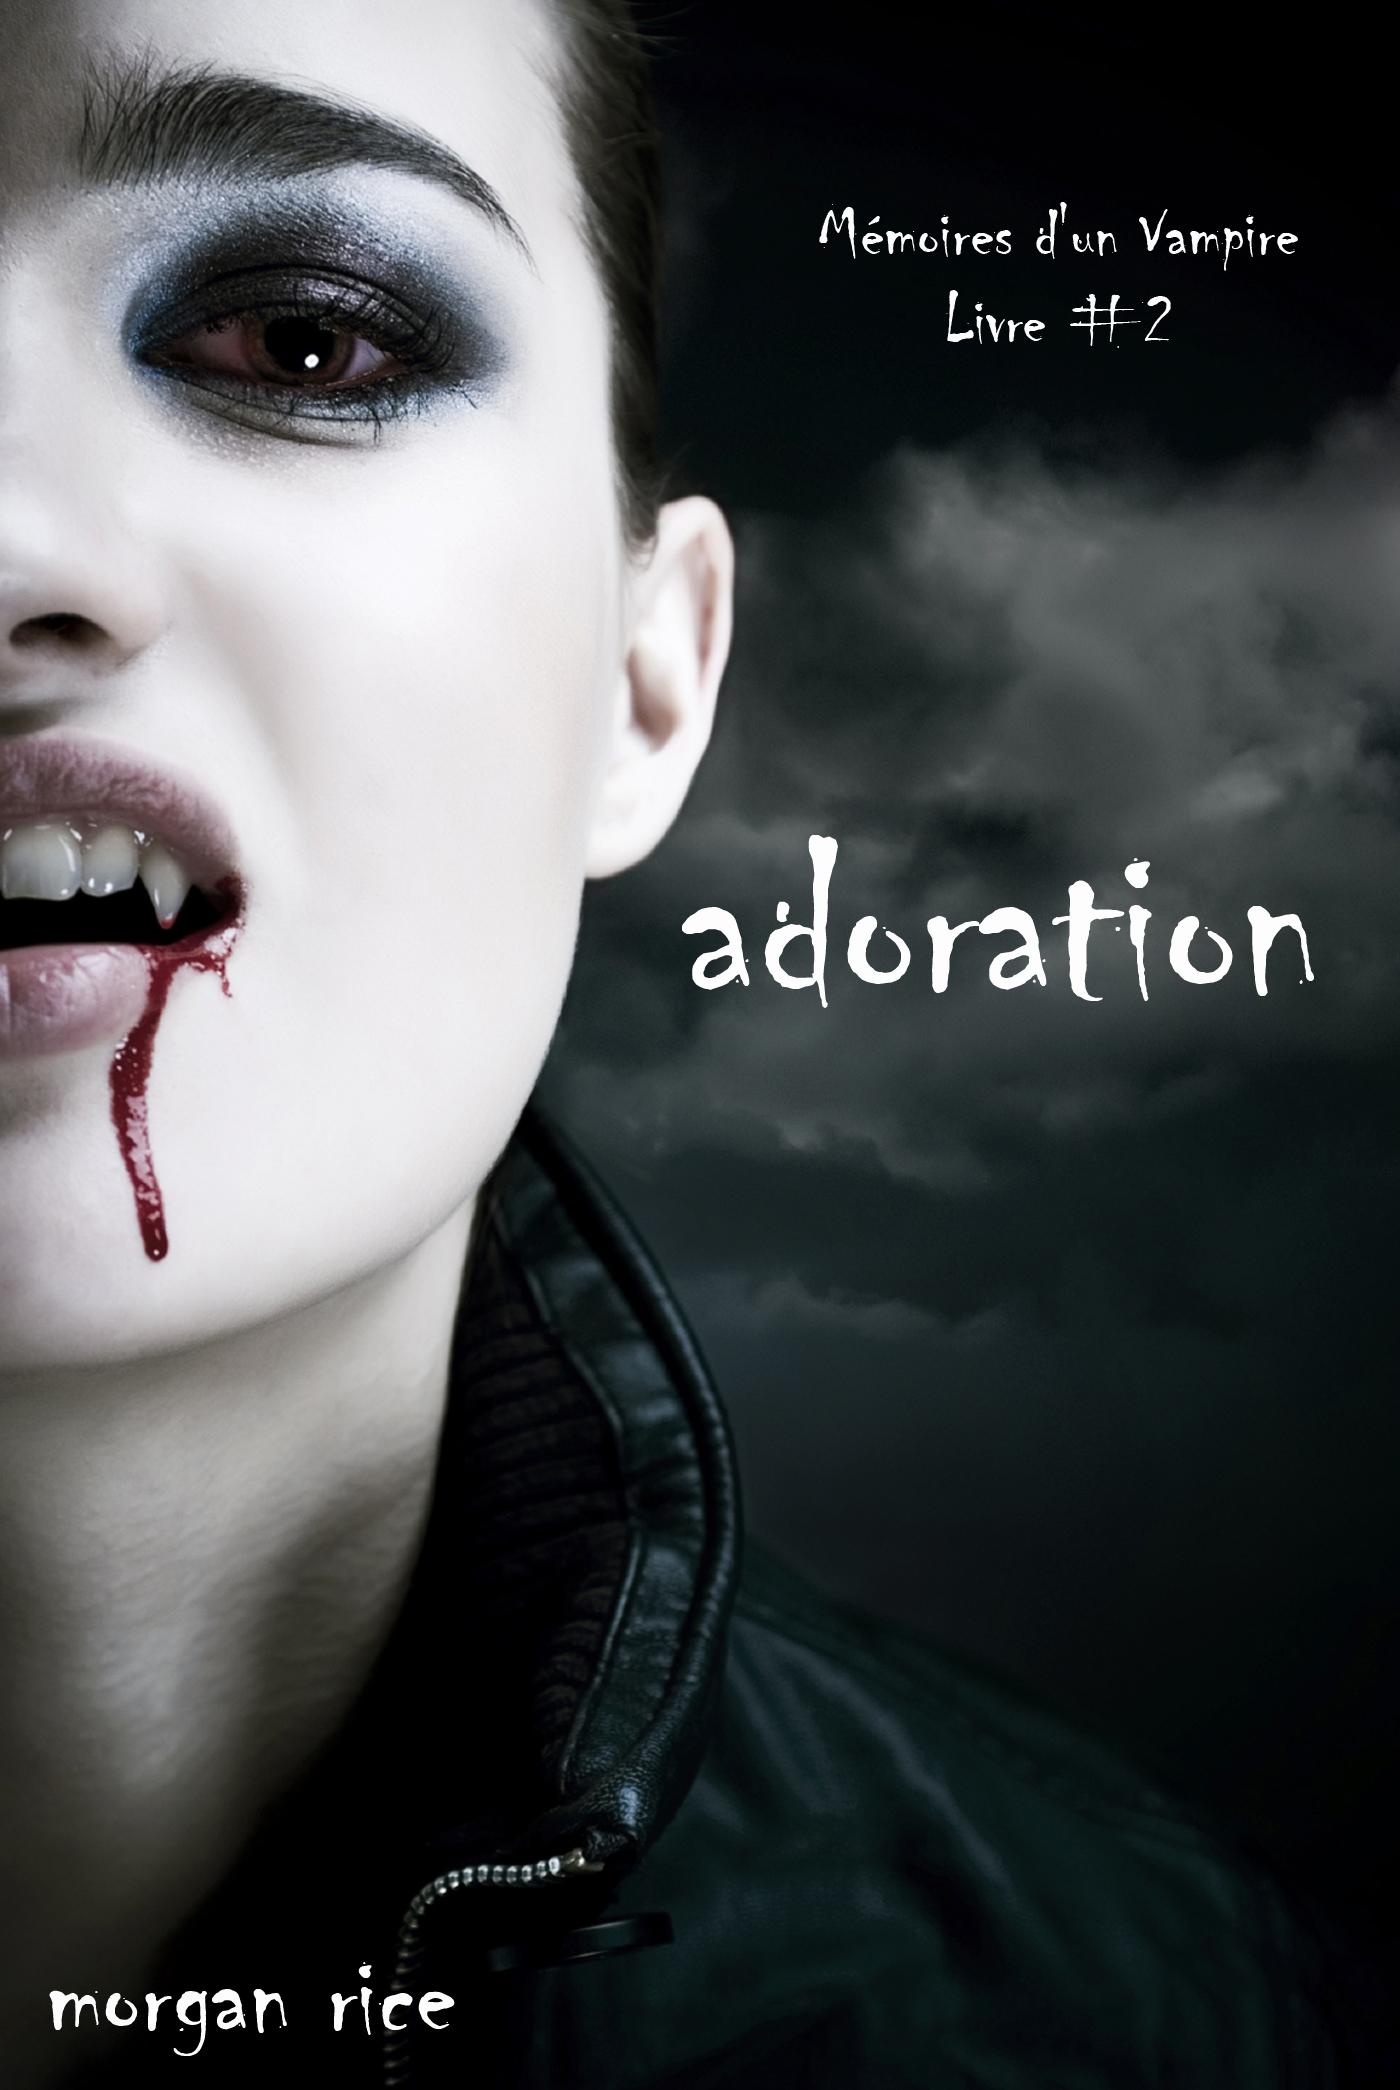 ADORATION (LIVRE #2 MEMOIRES D